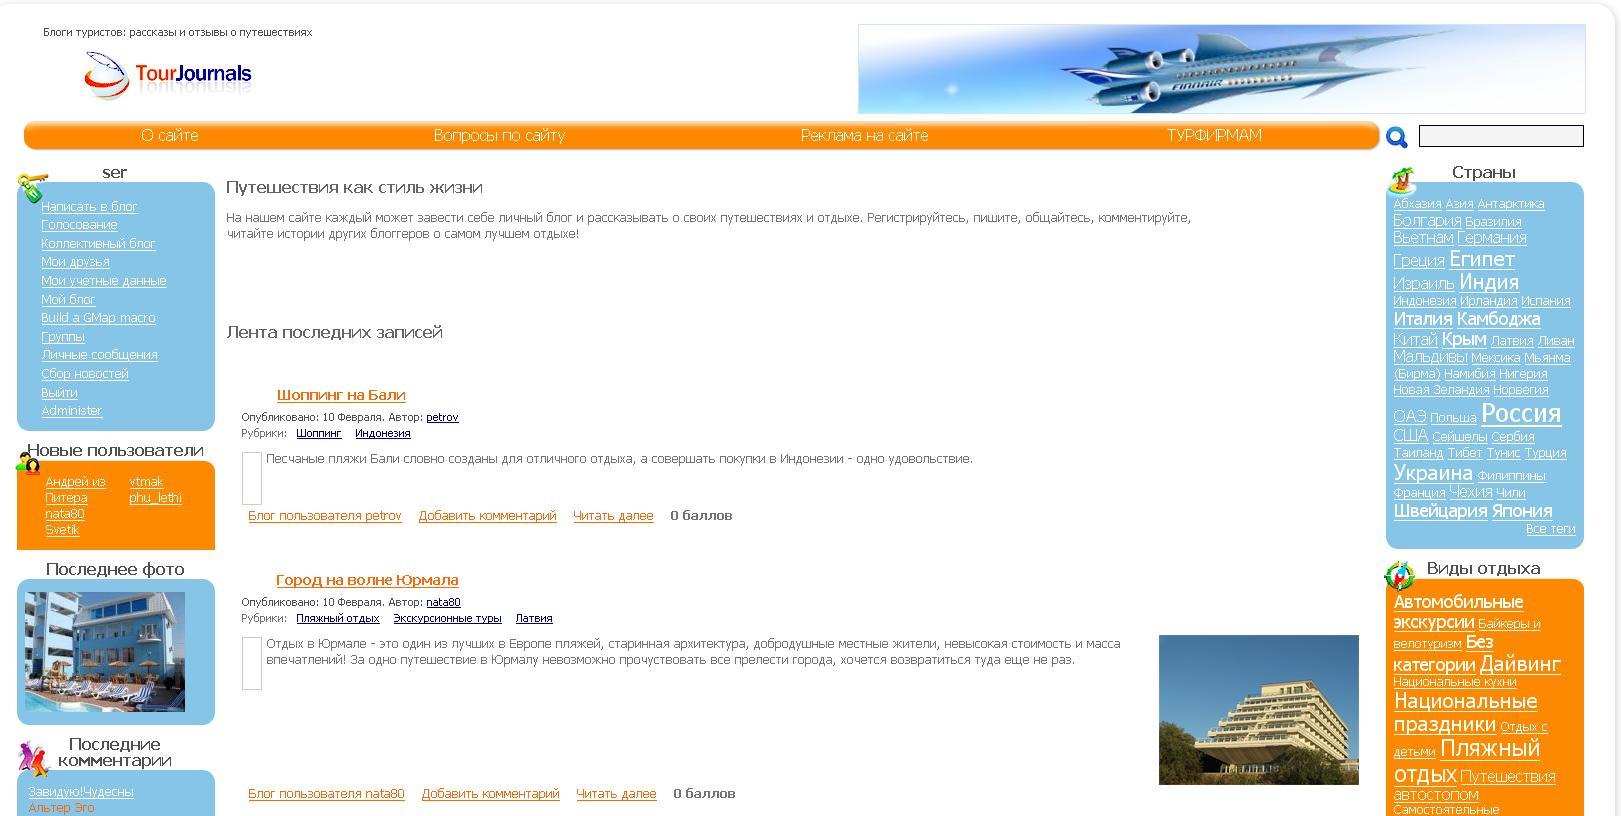 Блоги Туристов - Drupal